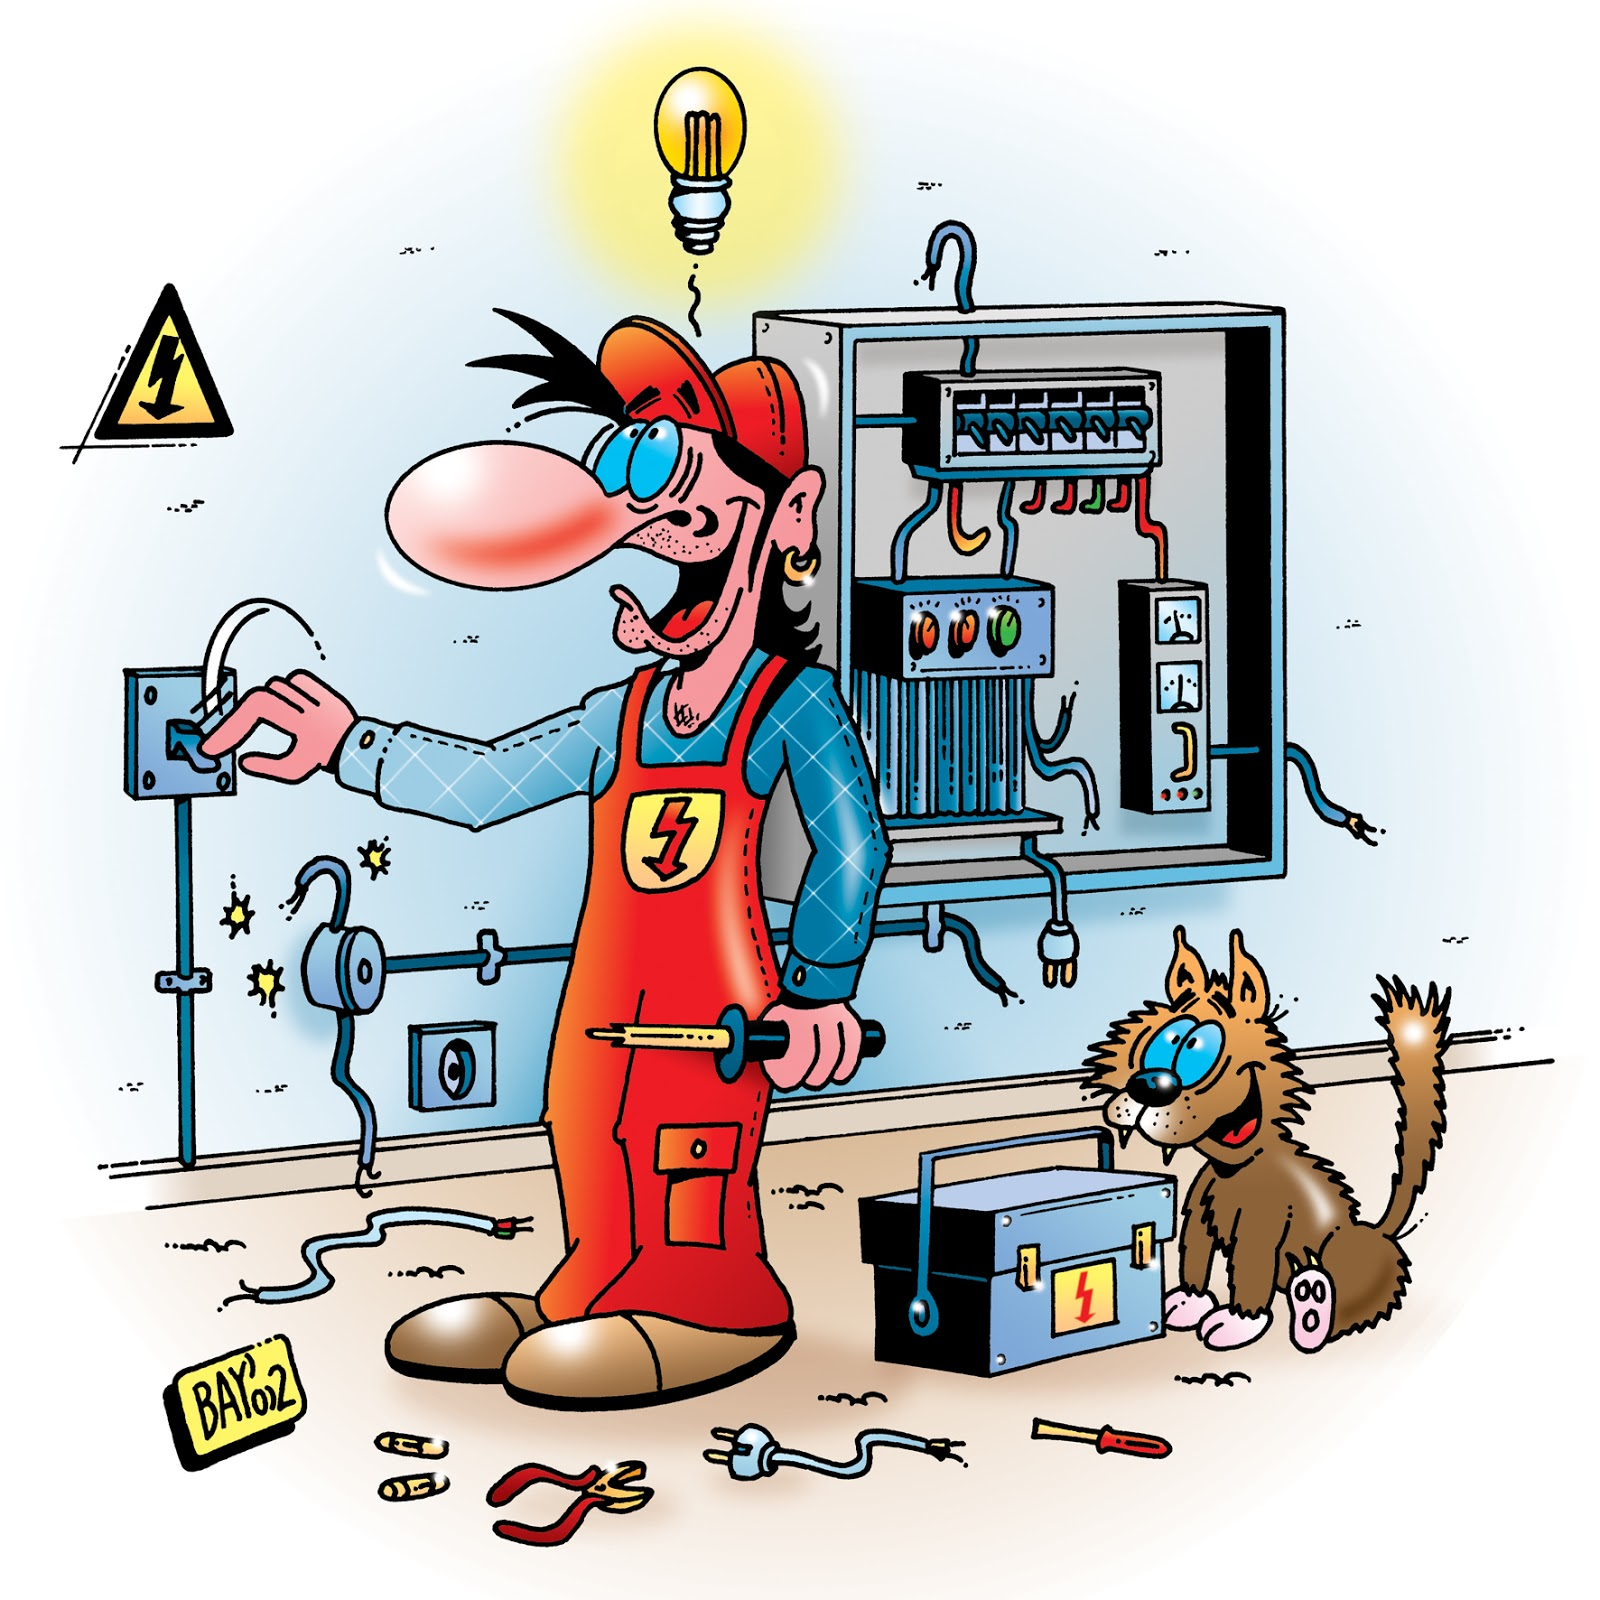 humor cliparts für elektriker